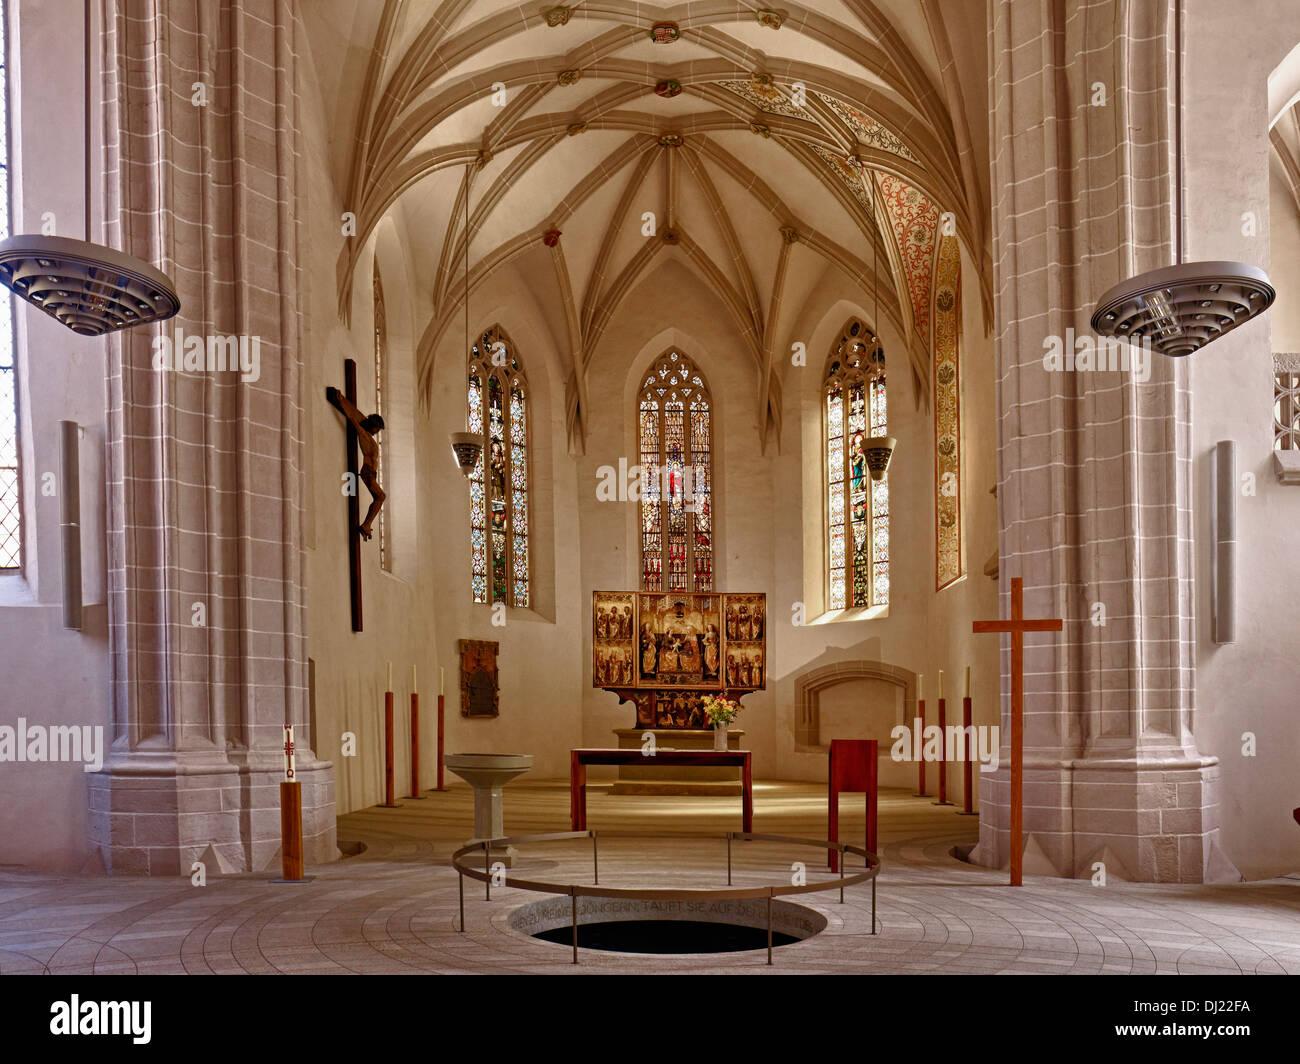 Fonte battesimale, San Pietro e Paolo Chiesa, Eisleben, Sassonia-Anhalt Germania Immagini Stock